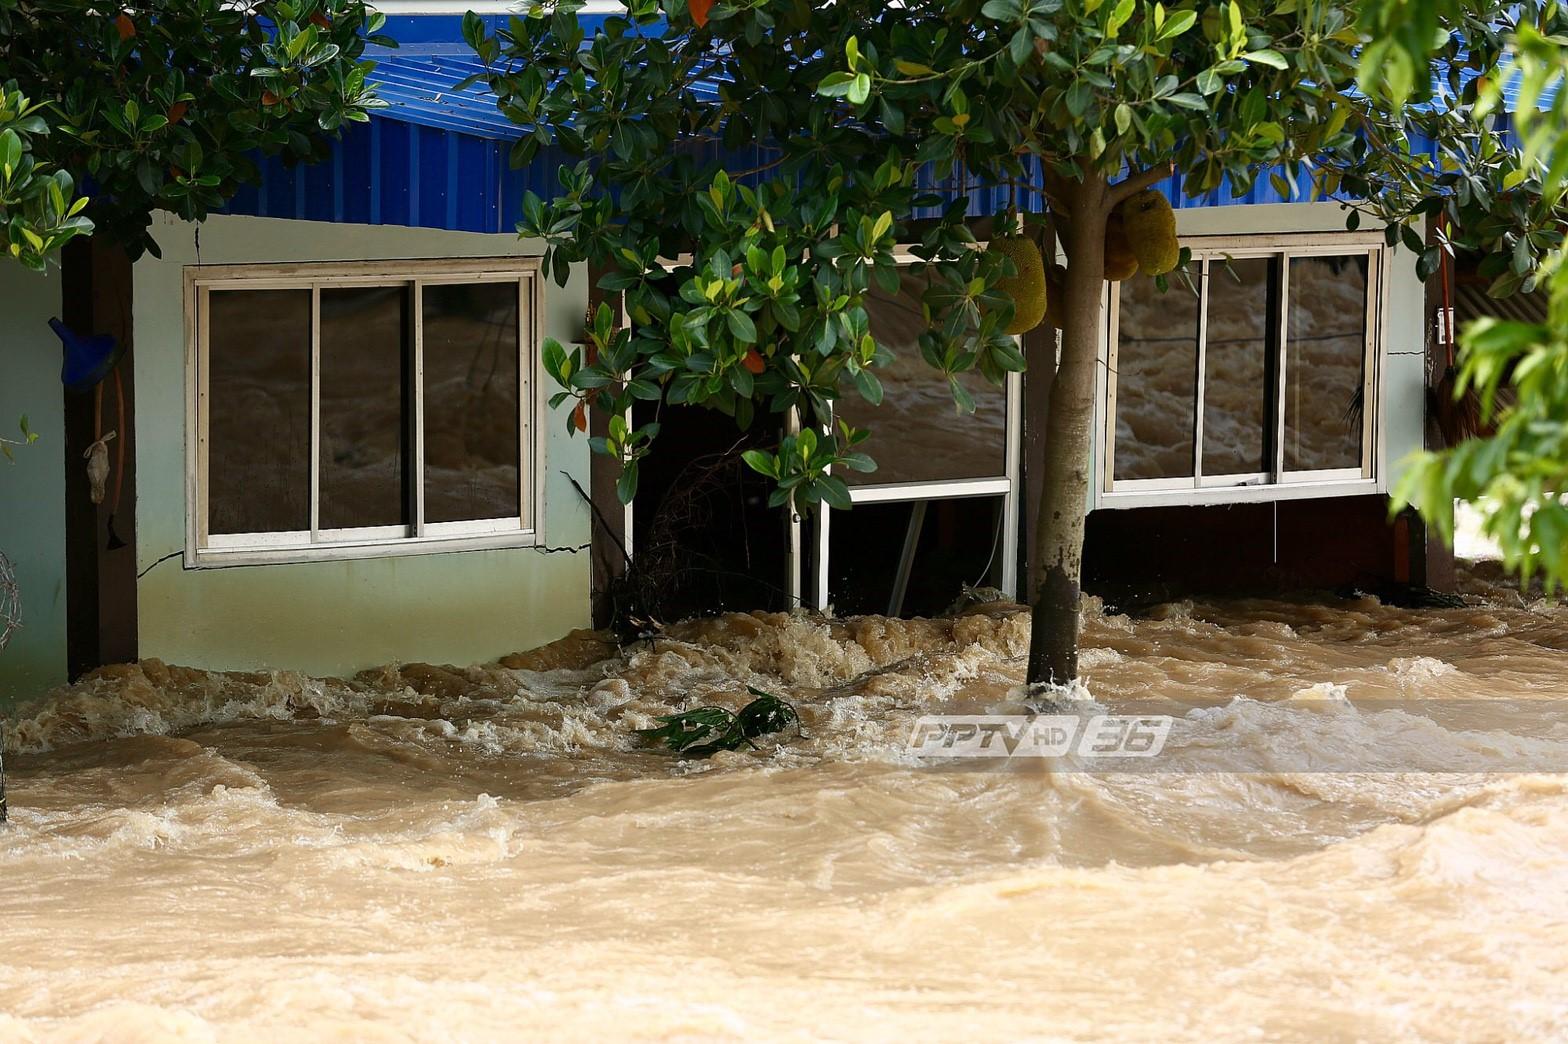 ครม.เห็นชอบมาตรการภาษีช่วยผู้ประสบภัยน้ำท่วม